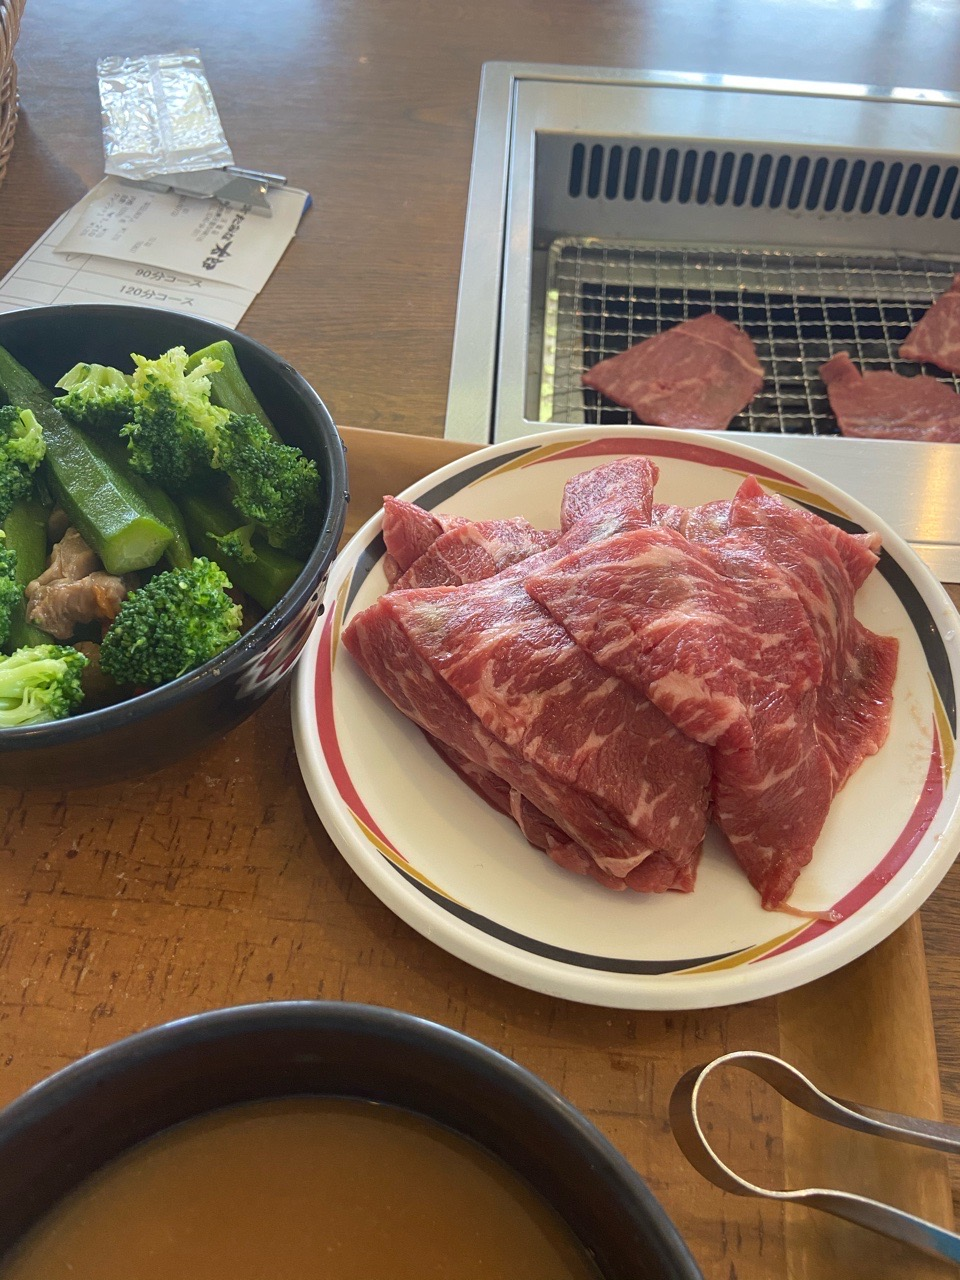 【画像】一人で焼肉食べ放題1200円のスタミナ太郎来たやで